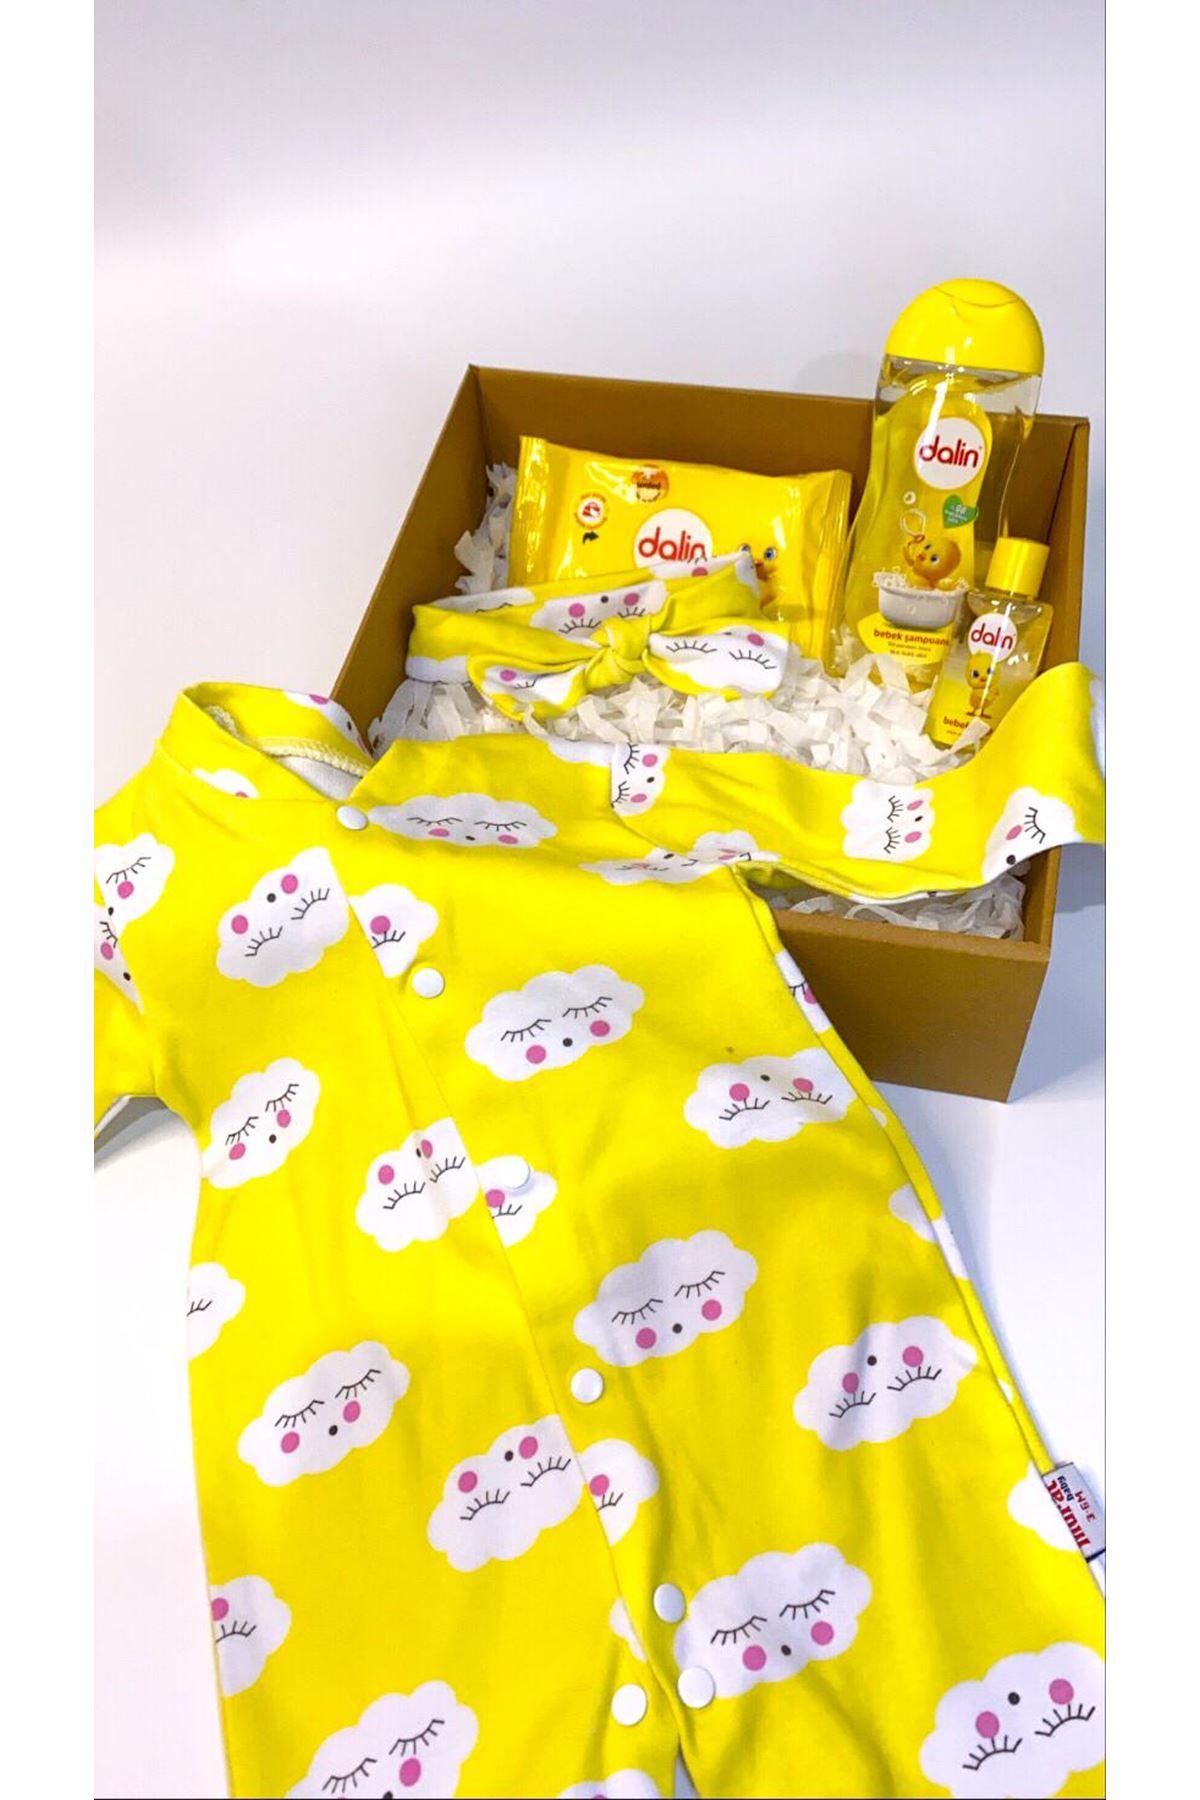 Dalinli ve Bulutlu Sarı Bandanalı Kız Bebek Tulum Hediye Kutusu